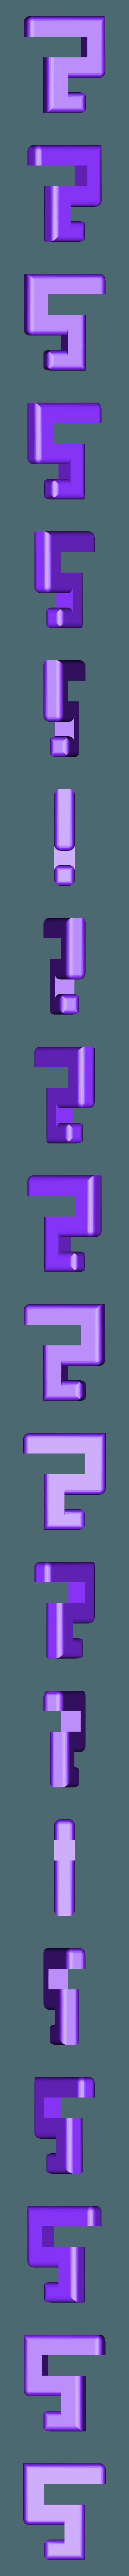 CartHookRound.stl Télécharger fichier STL gratuit Crochet pour chariot d'enseignant • Objet à imprimer en 3D, ambscout